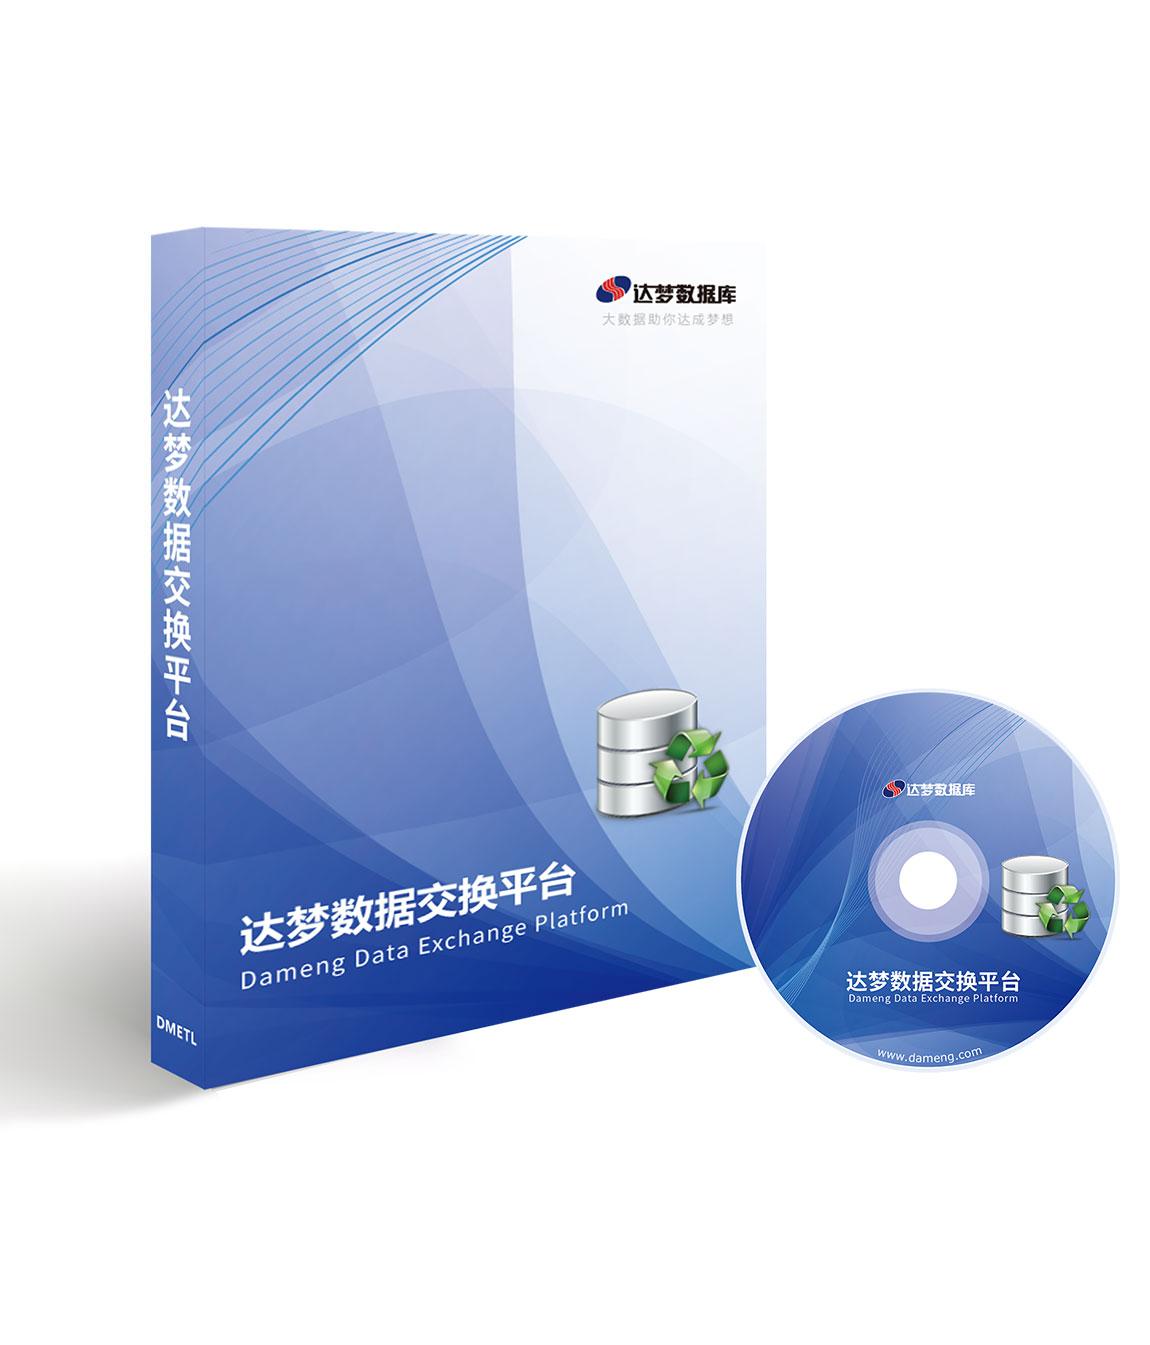 Da Meng data exchange platform software DMETL